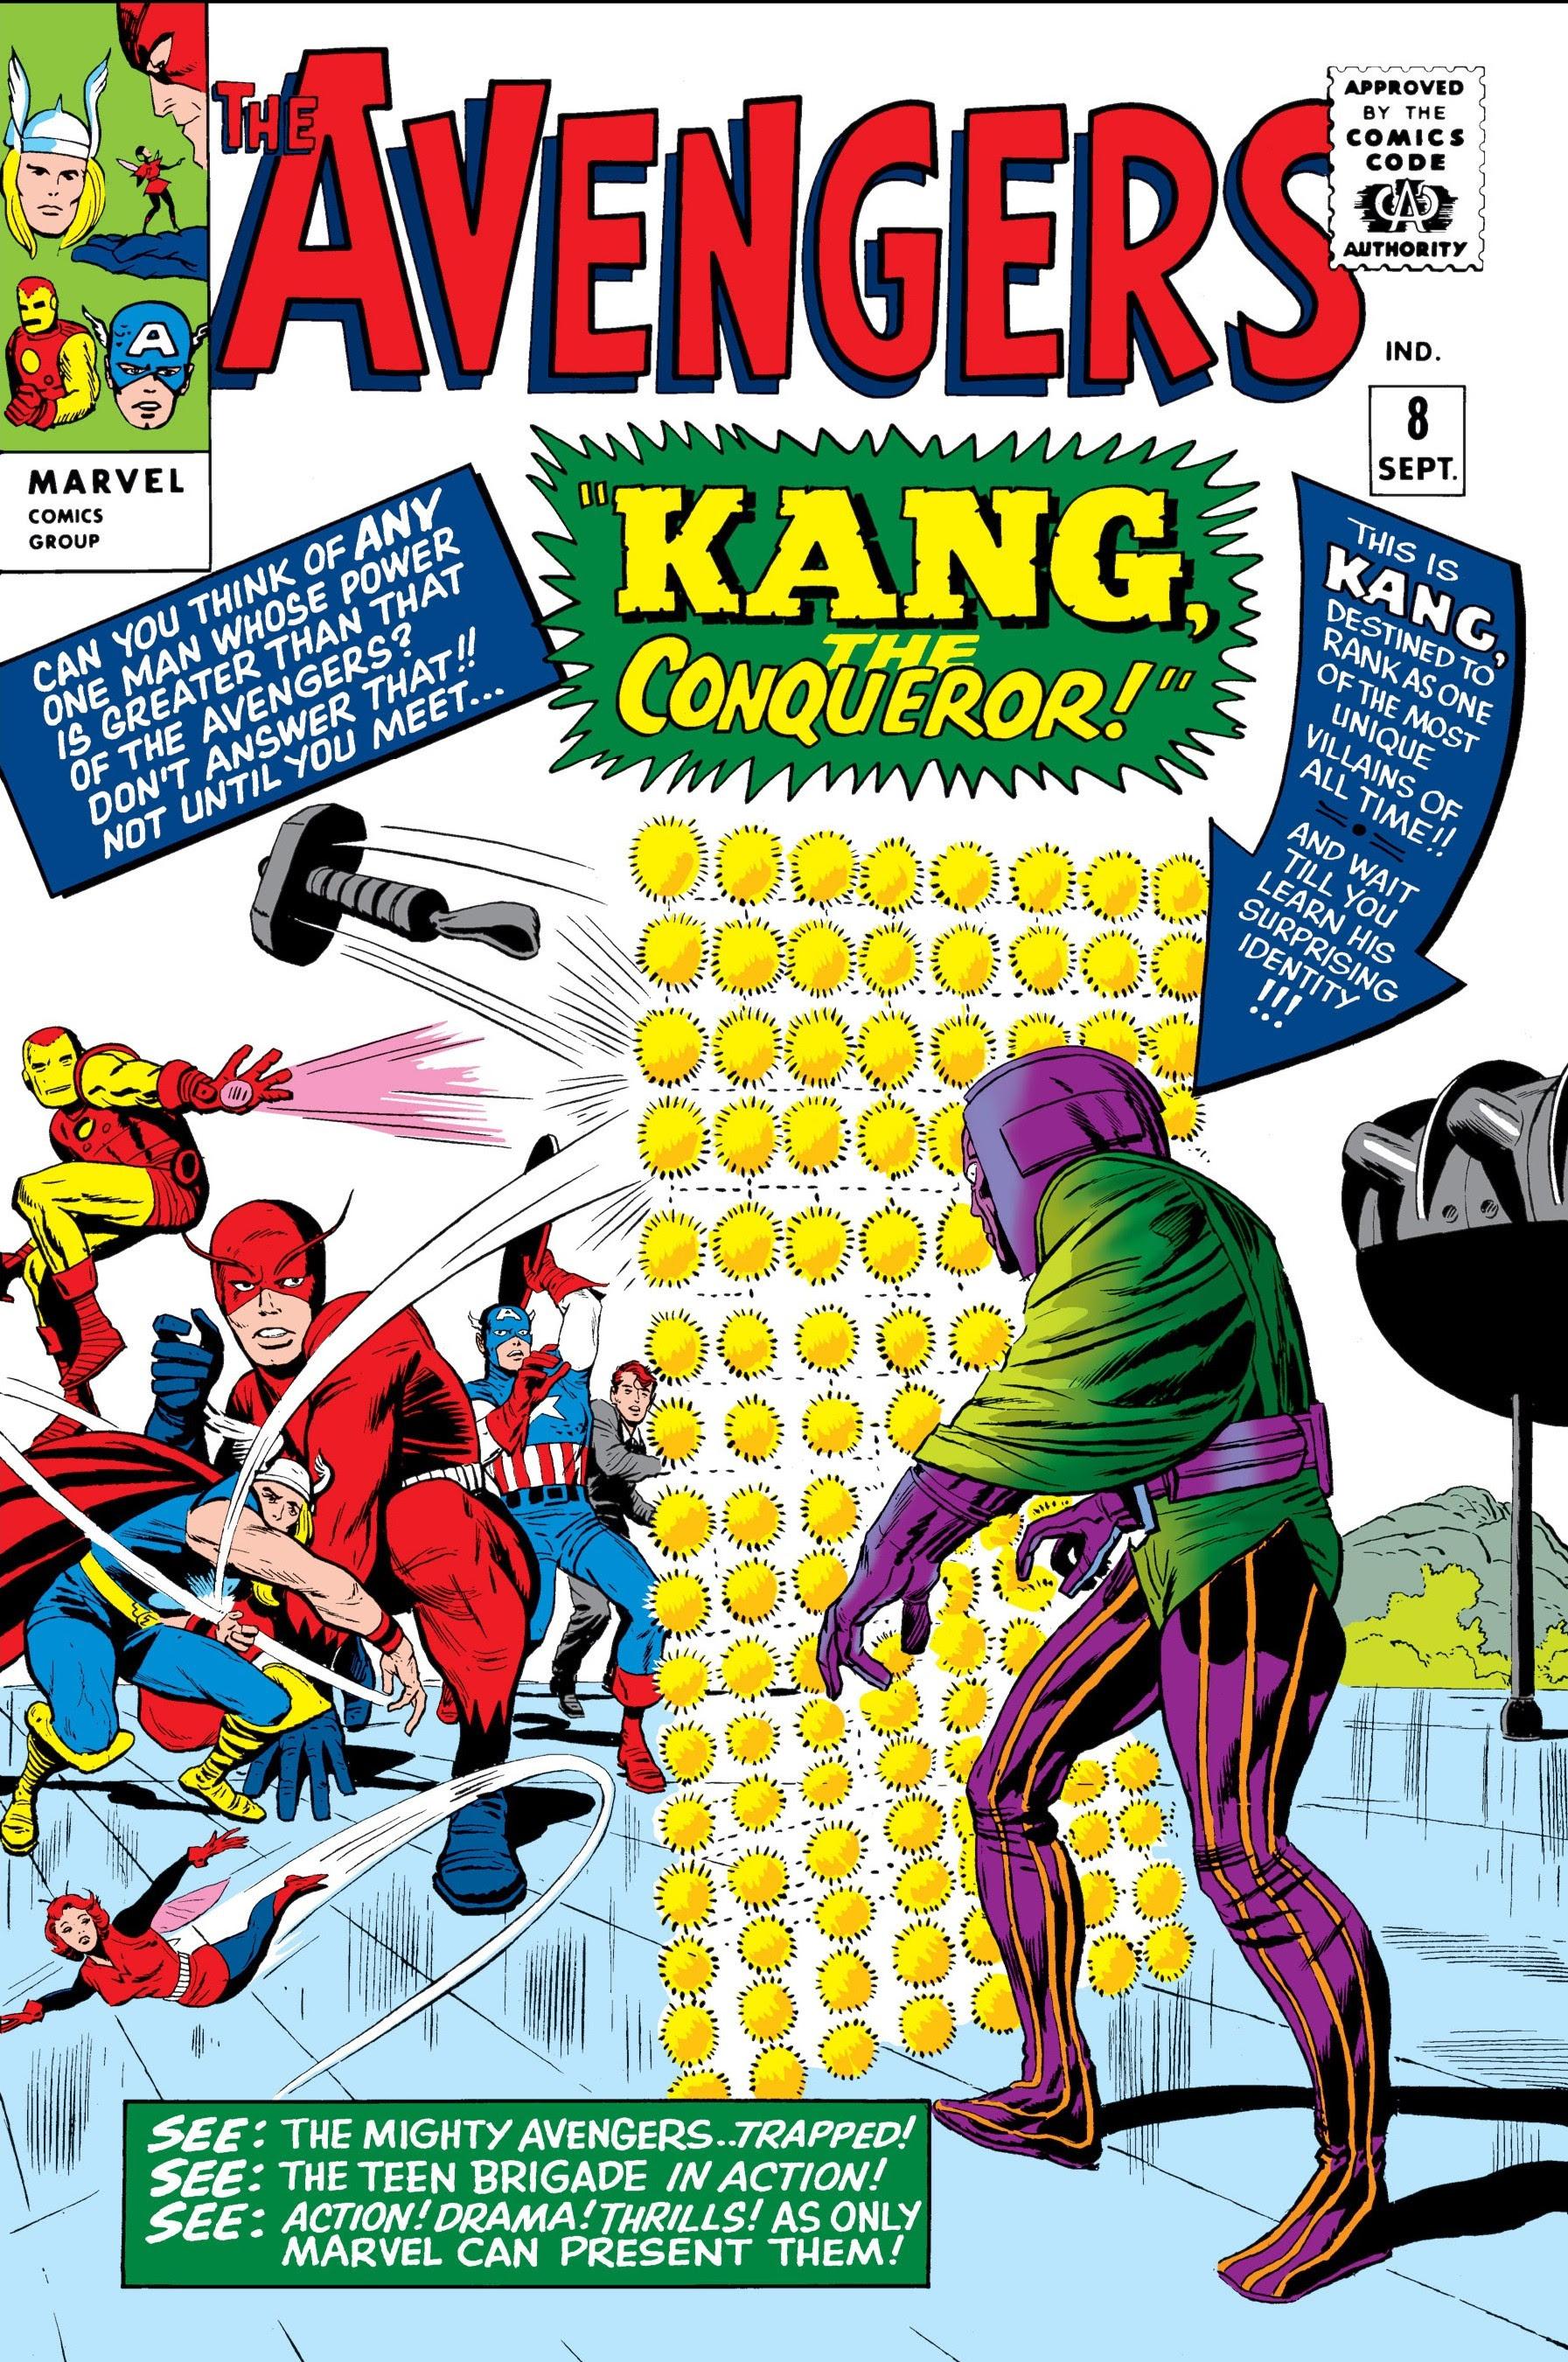 http://vignette1.wikia.nocookie.net/marveldatabase/images/2/24/Avengers_Vol_1_8.jpg/revision/latest?cb=20051102180558